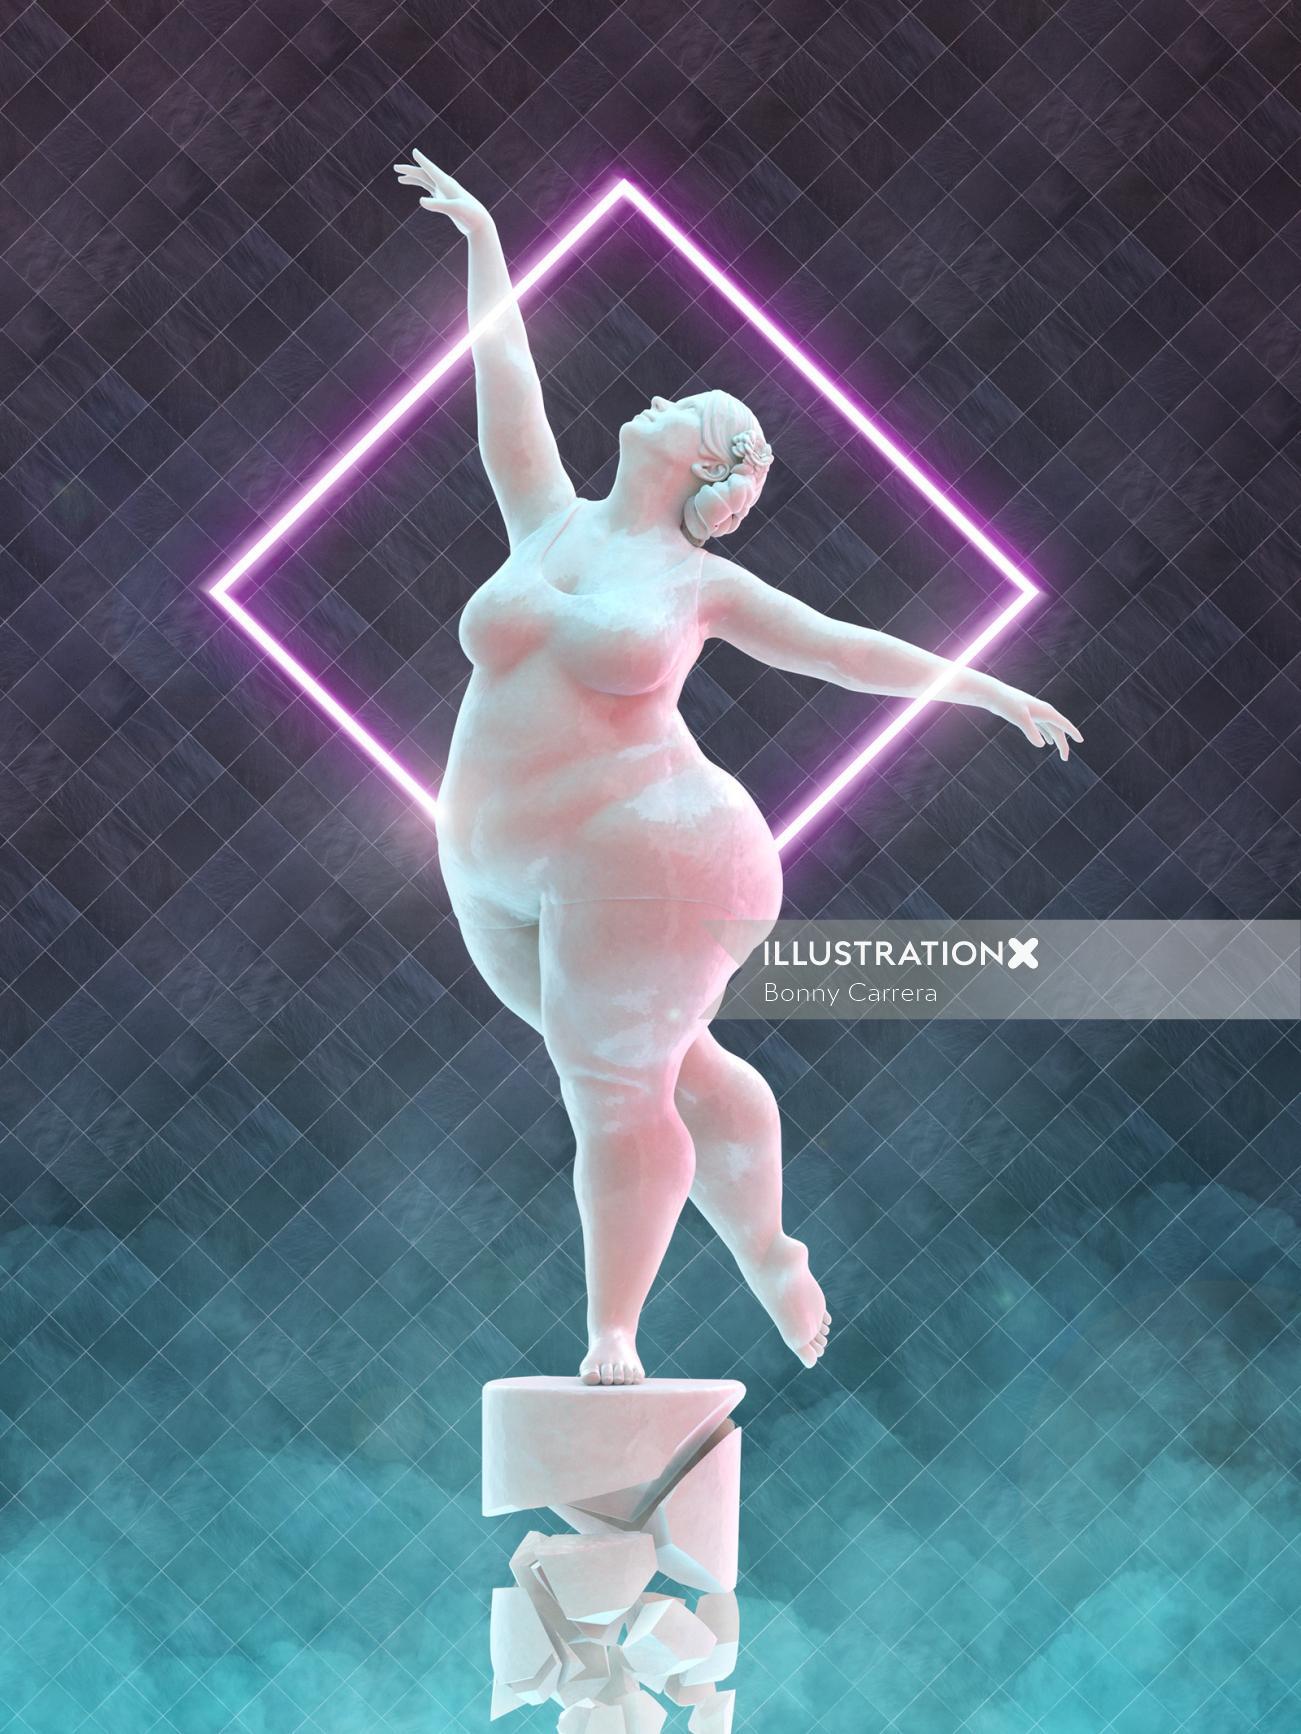 Cartoon art of dancer